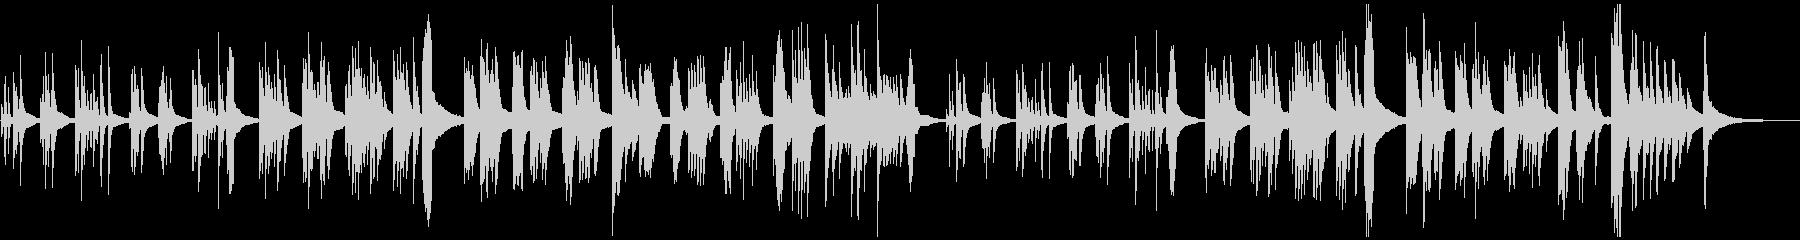 静かなピアノ・ソロ 森 木漏れ日の未再生の波形